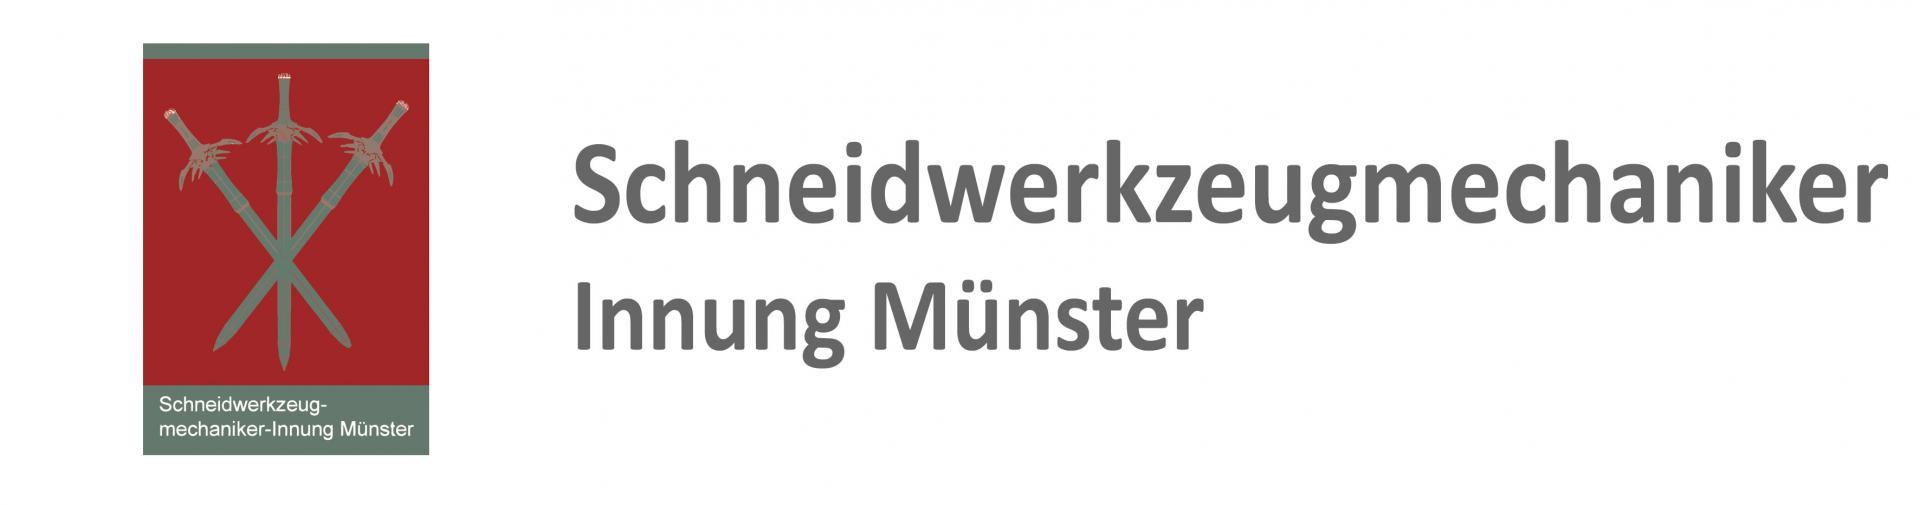 Schneidwerkzeugmechaniker‐Innung Münster